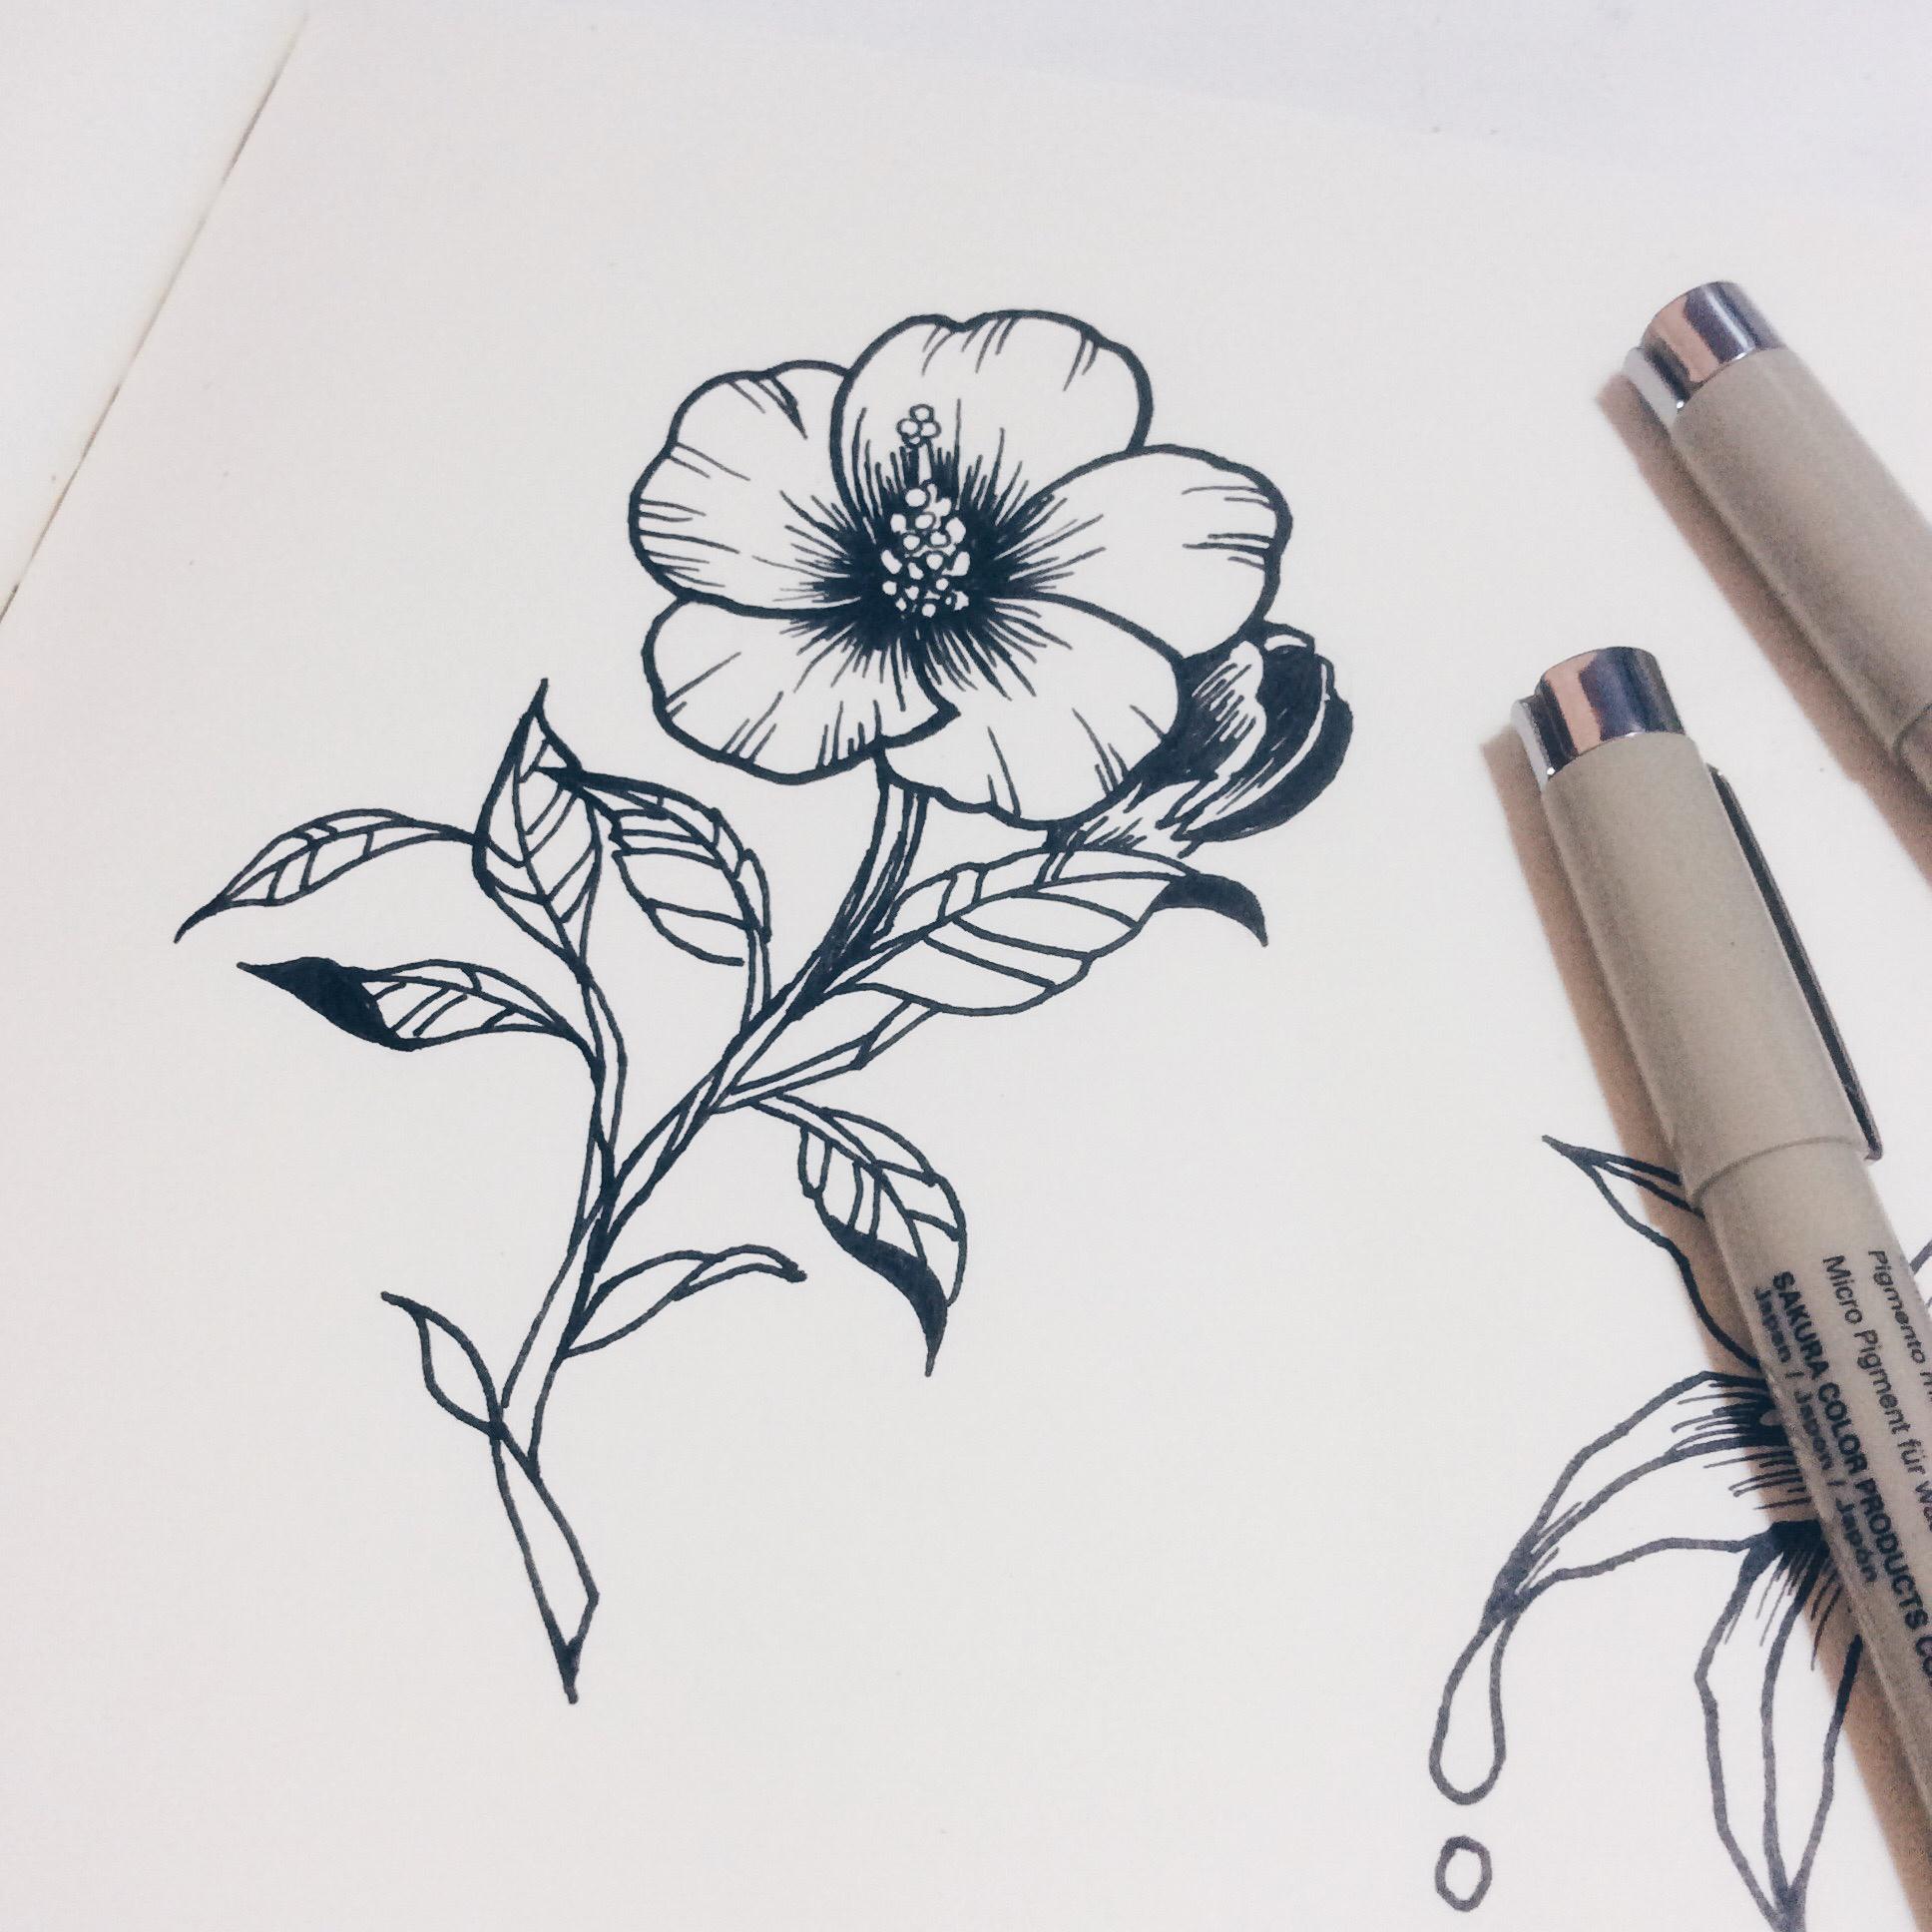 老徐的纹身手稿-黑白|插画|涂鸦/潮流|兔子老徐图片